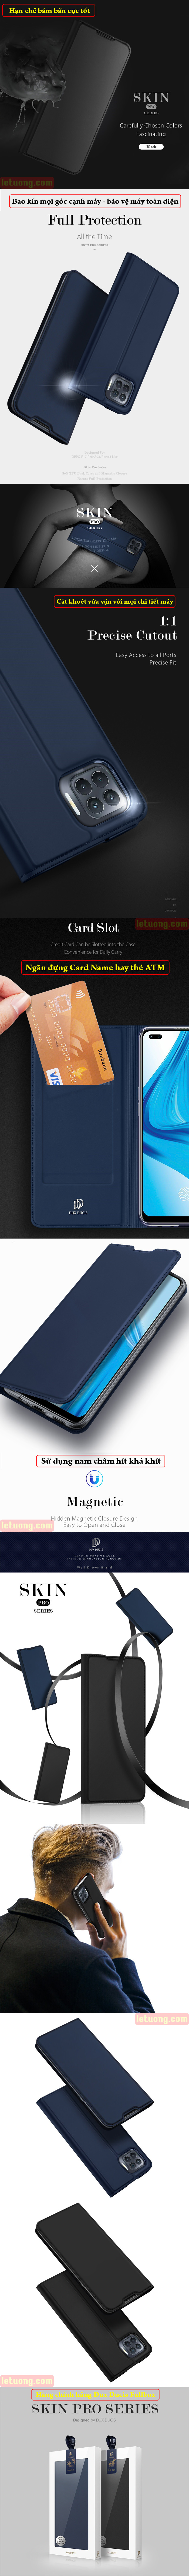 Ốp lưng Oppo A93, Bao da Oppo A93 Đẹp Độc Xịn Giá rẻ nhất TP HCM